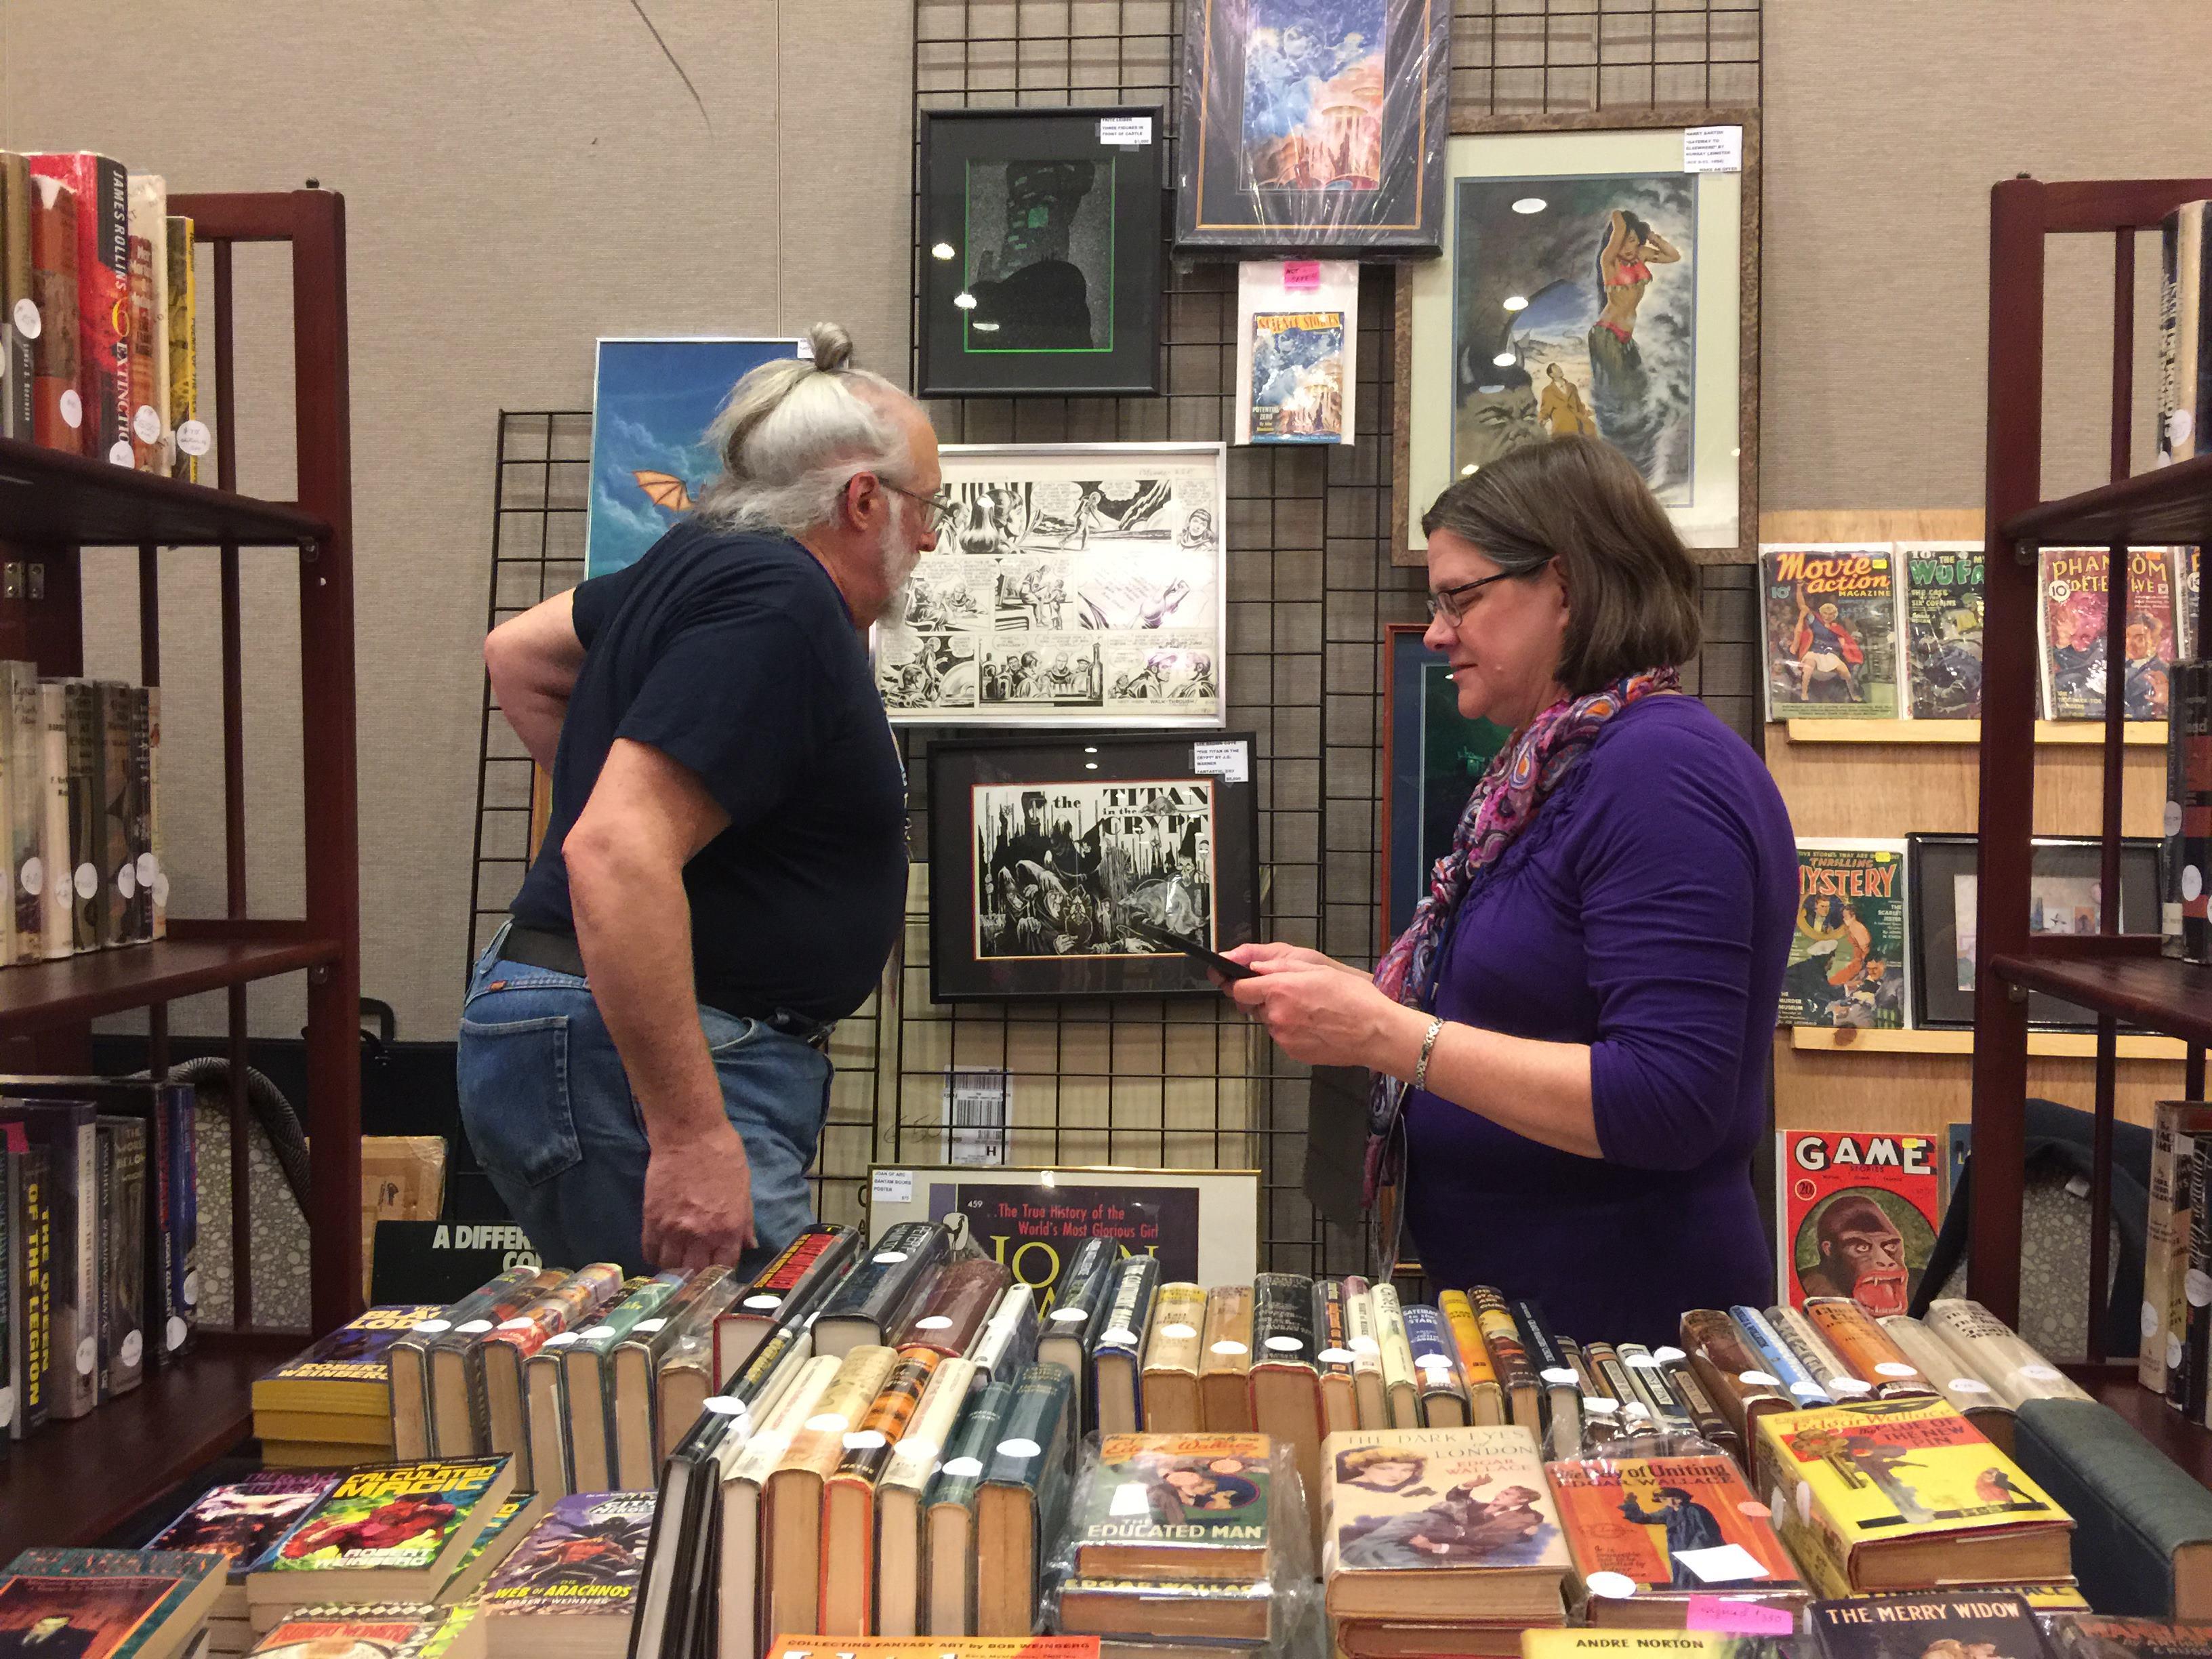 Weinberg Books had original art and books